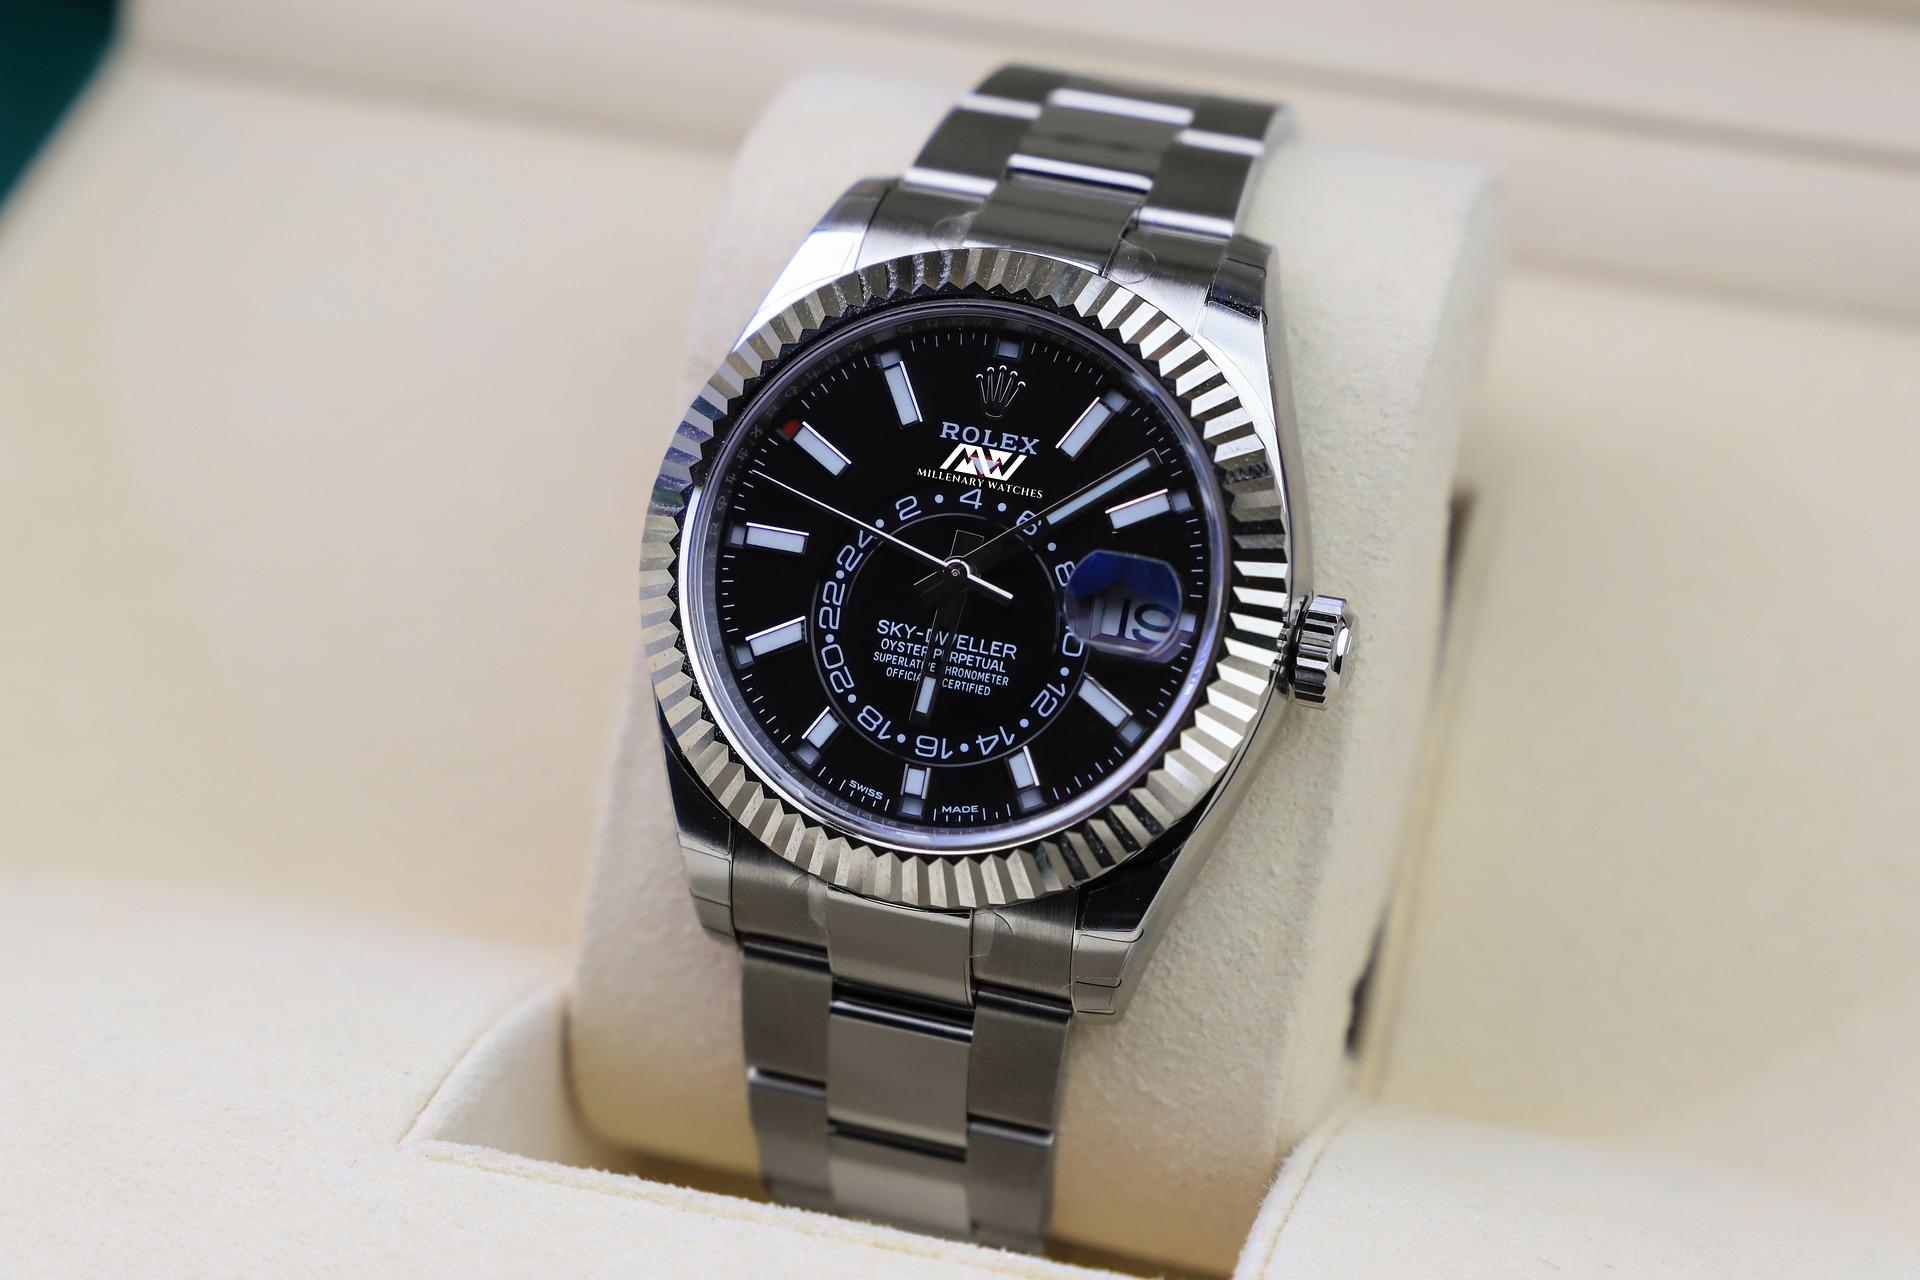 高級腕時計ブランド「ROLEX(ロレックス) 」